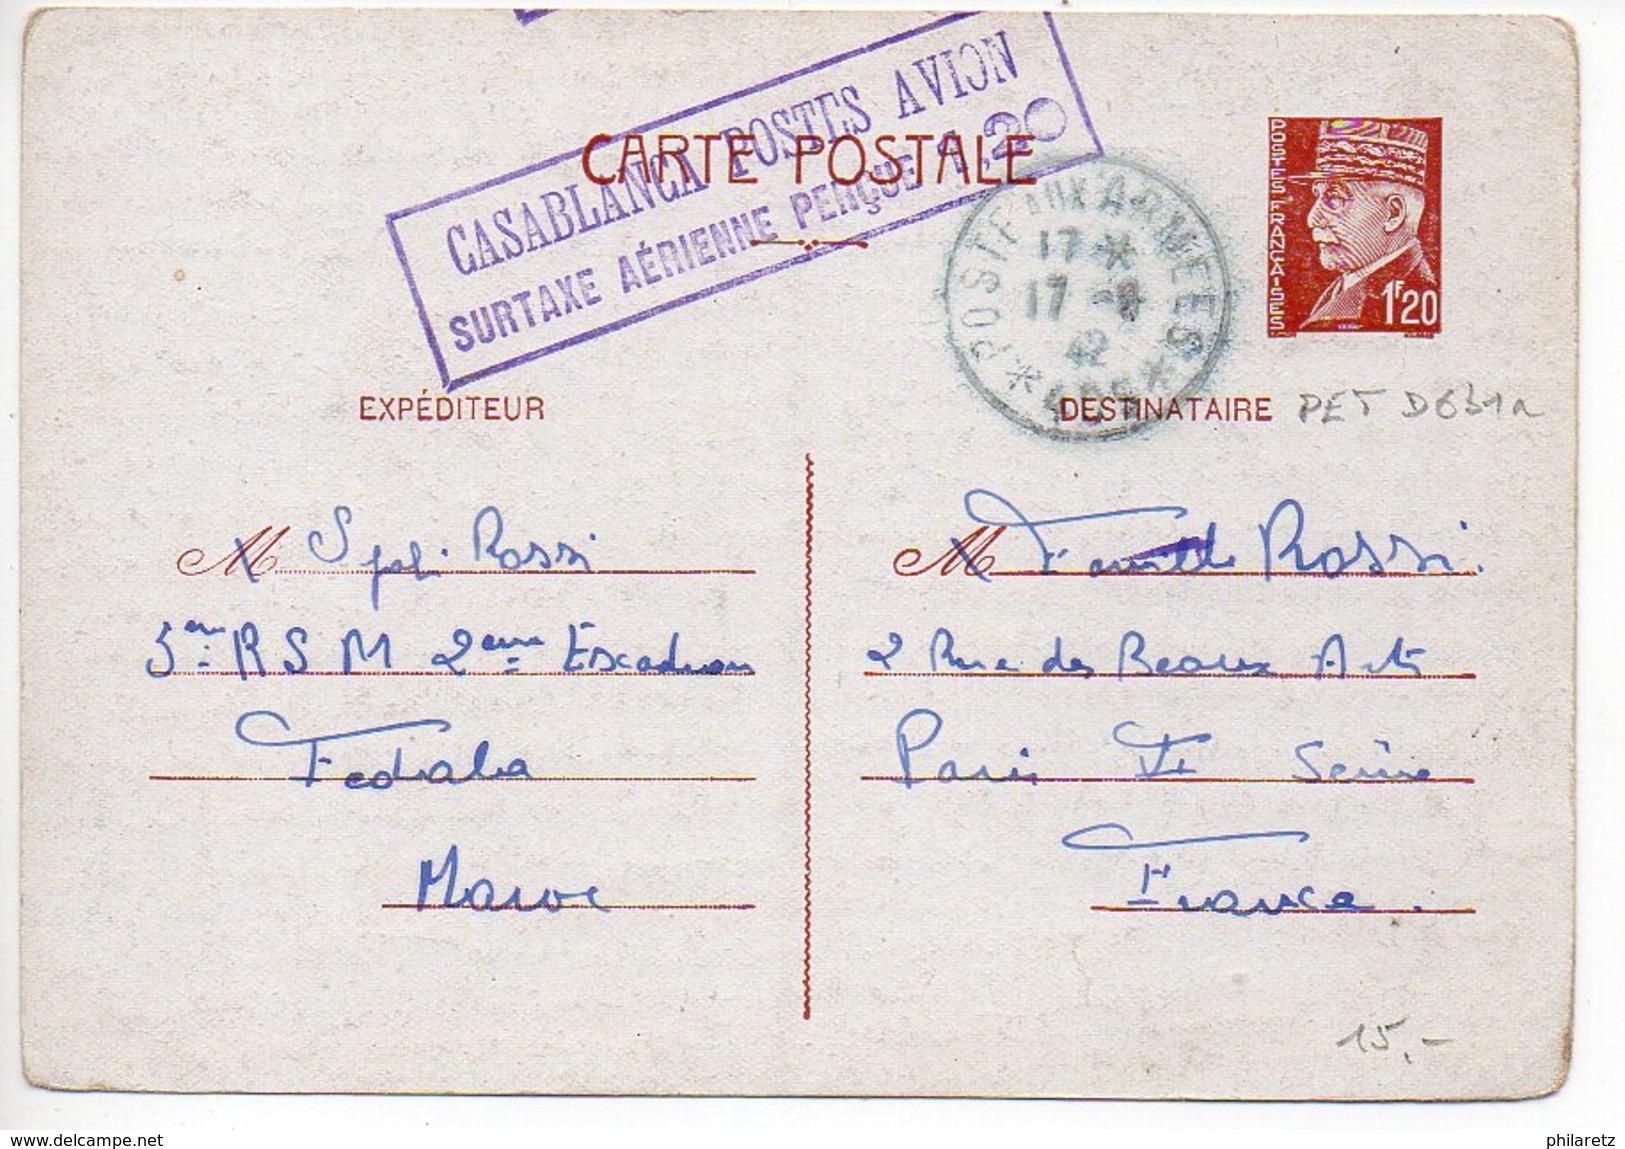 Entier Postal Carte 1f20 Pétain - Provenance Du Maroc Avec Cachet Violet Encadré De Casablanca Postes Avion (CaD T&P 409 - Standard Postcards & Stamped On Demand (before 1995)